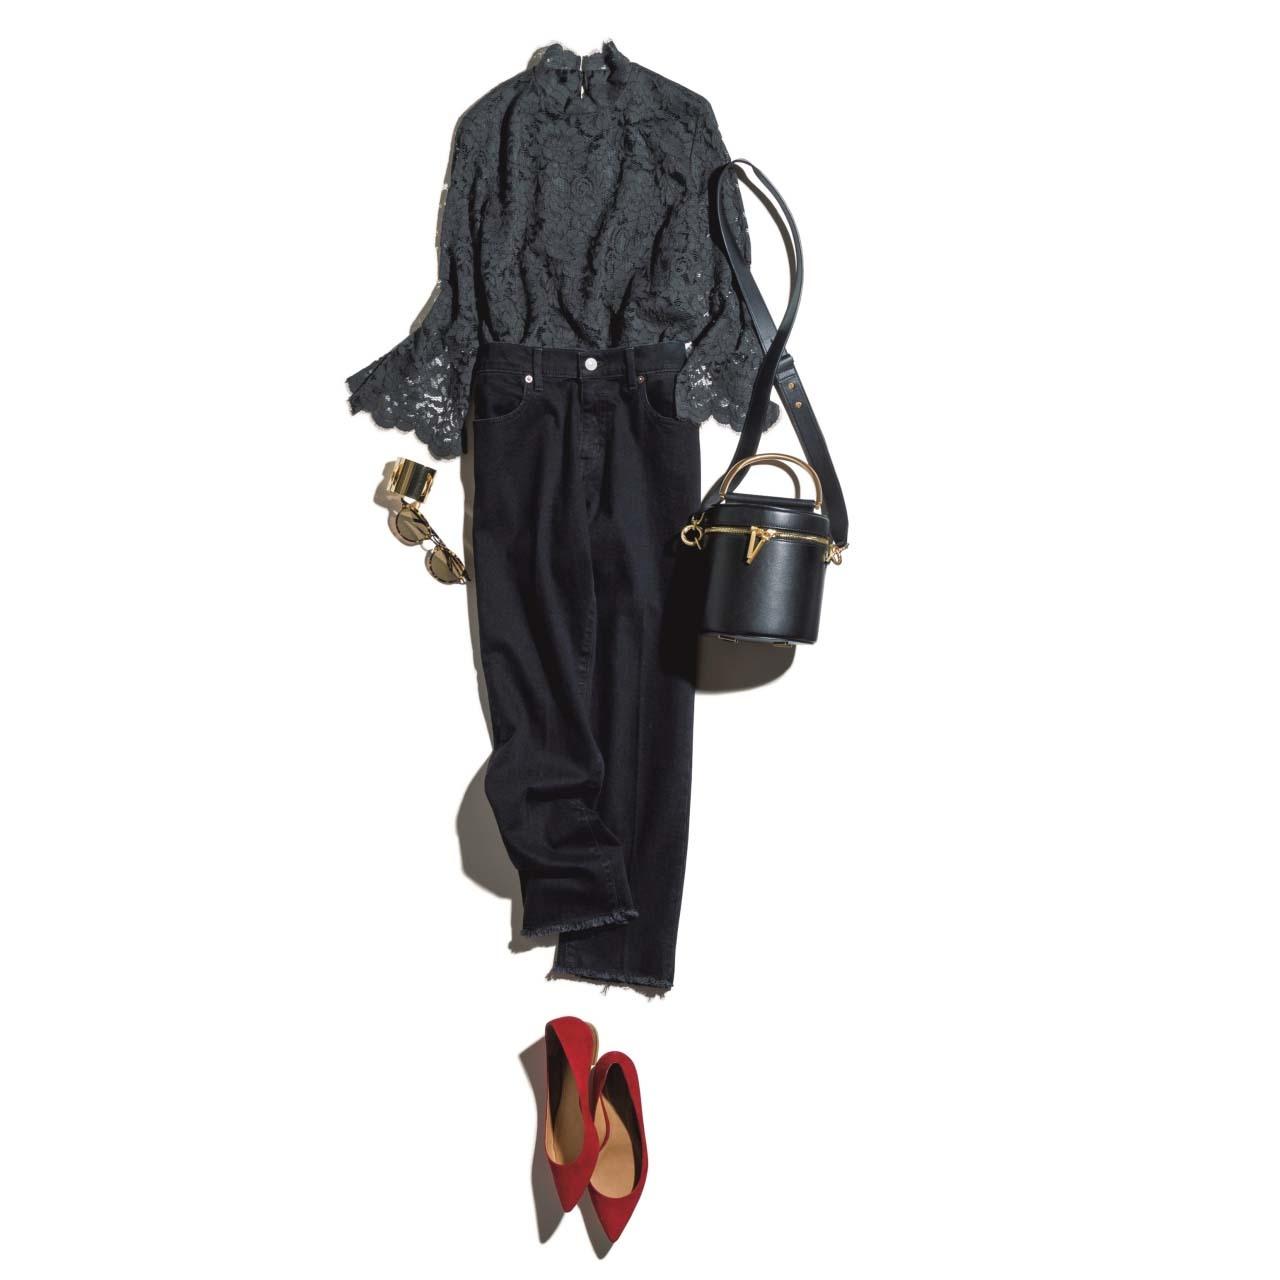 レーストップス×ブラックデニムパンツ×赤のフラット靴のコーデ